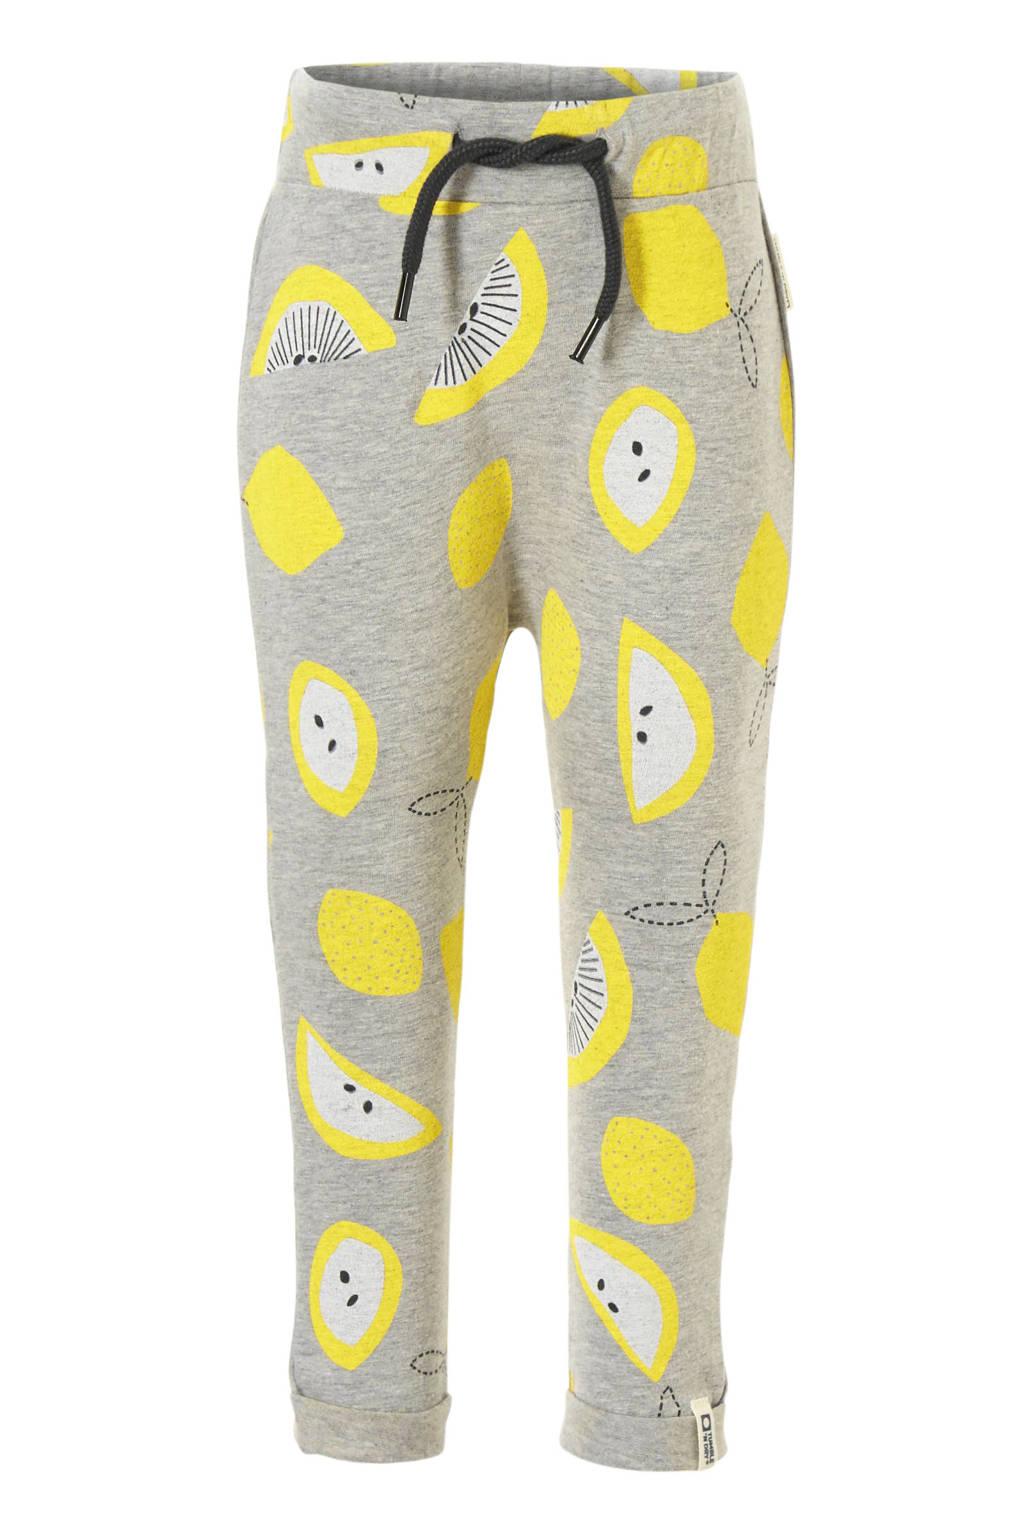 Tumble 'n Dry Lo broek met citroenprint Elfje, Licht grijs melange/ geel